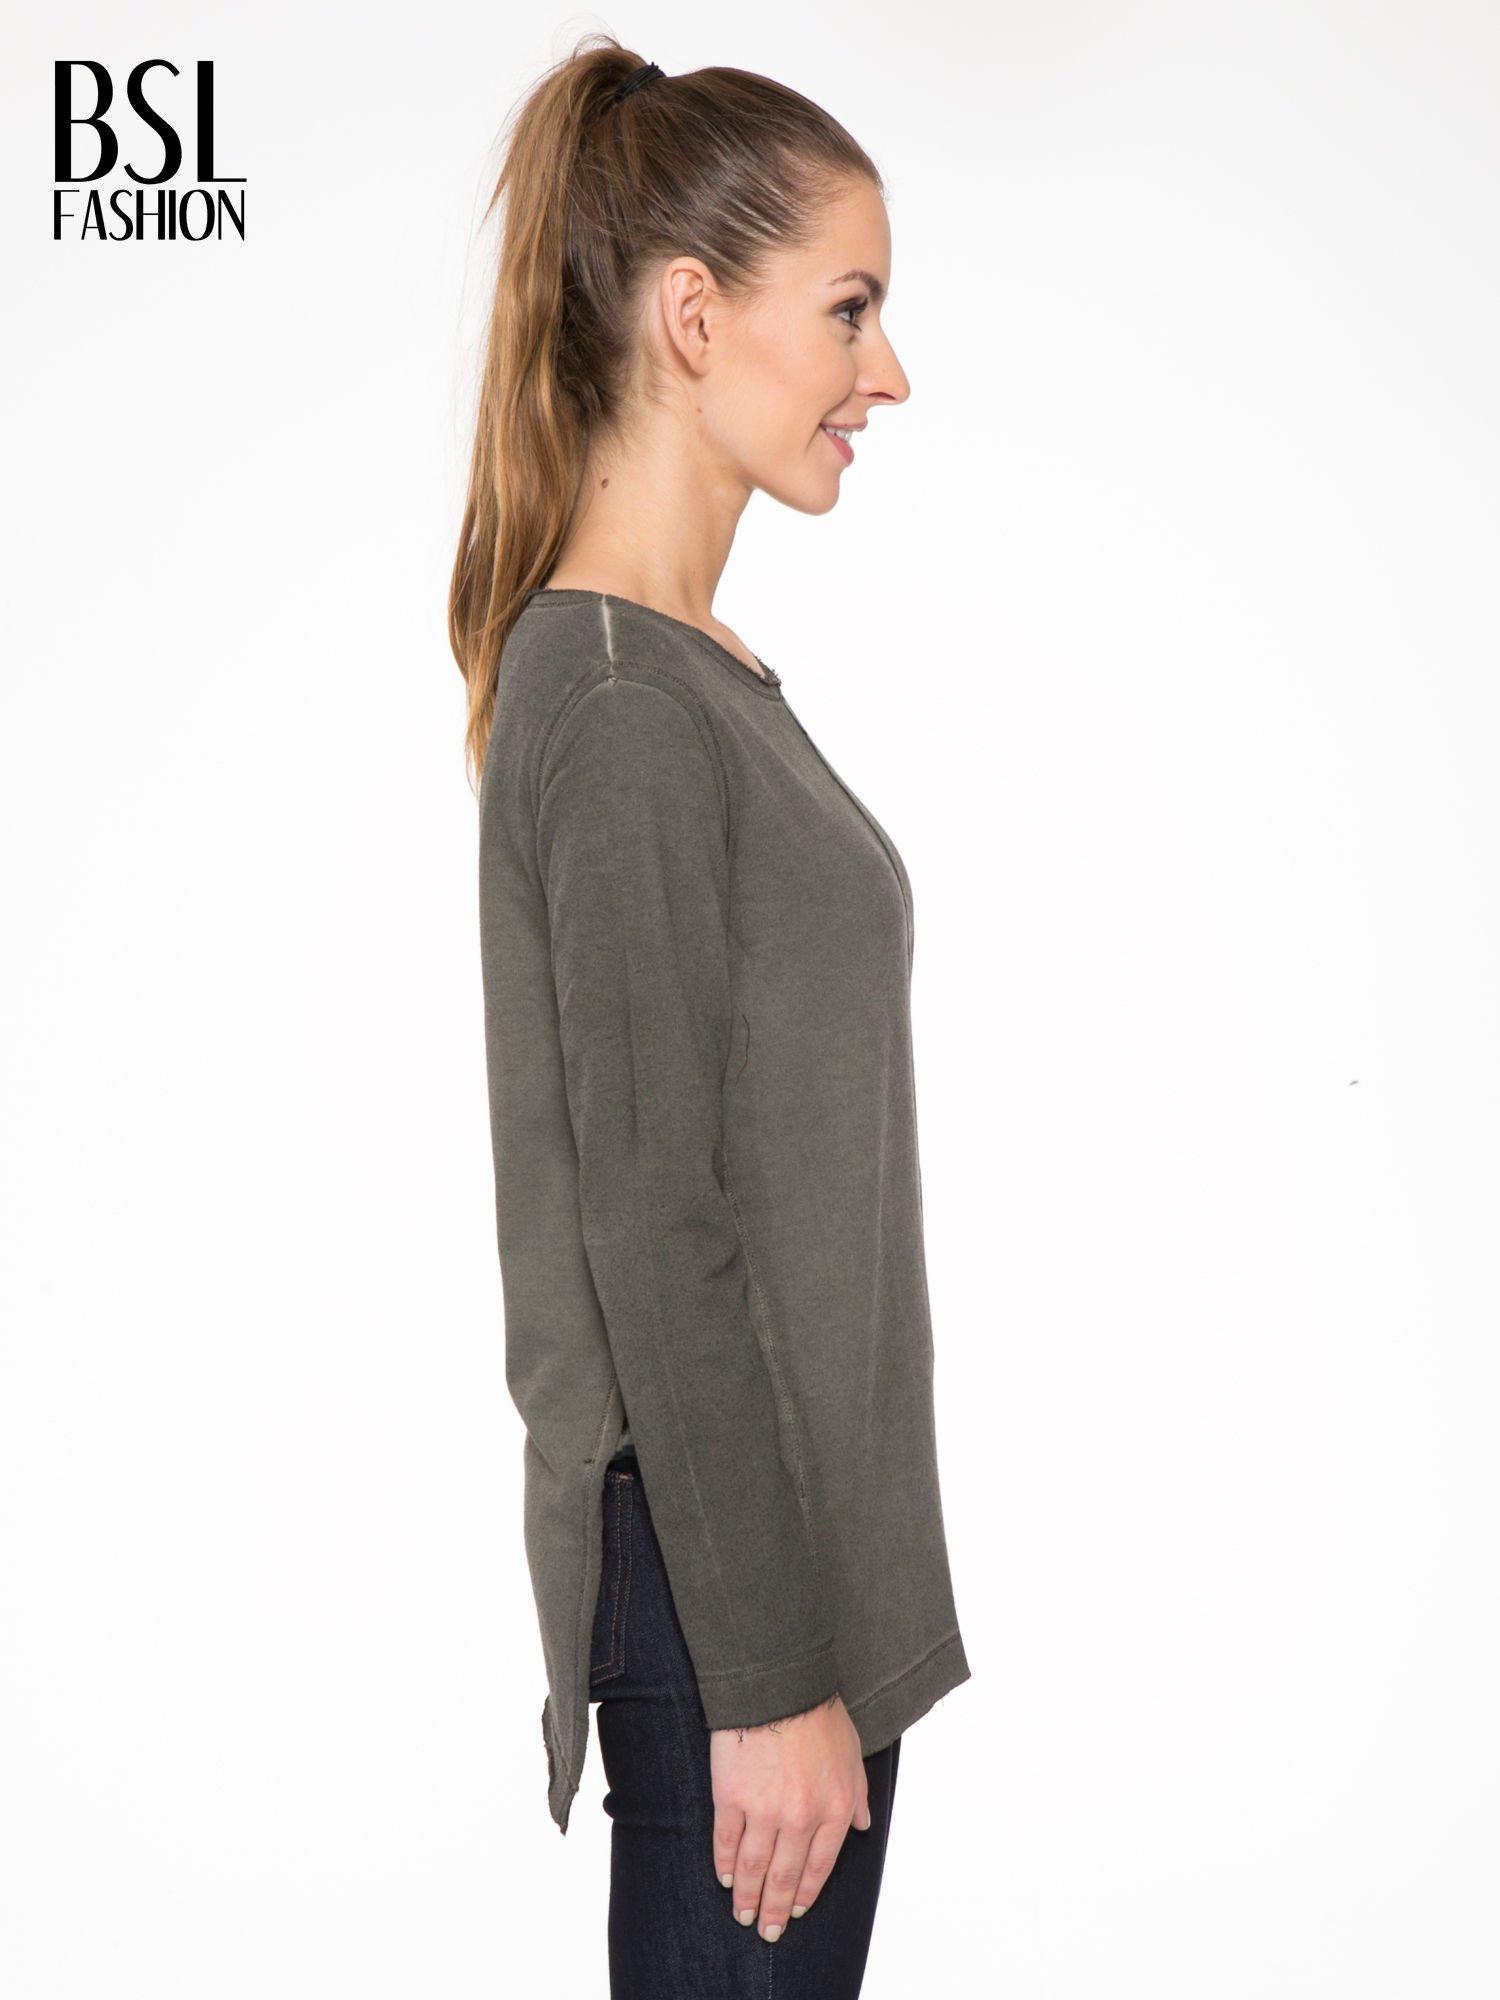 Khaki bluza z surowym wykończeniem i widocznymi szwami                                  zdj.                                  3